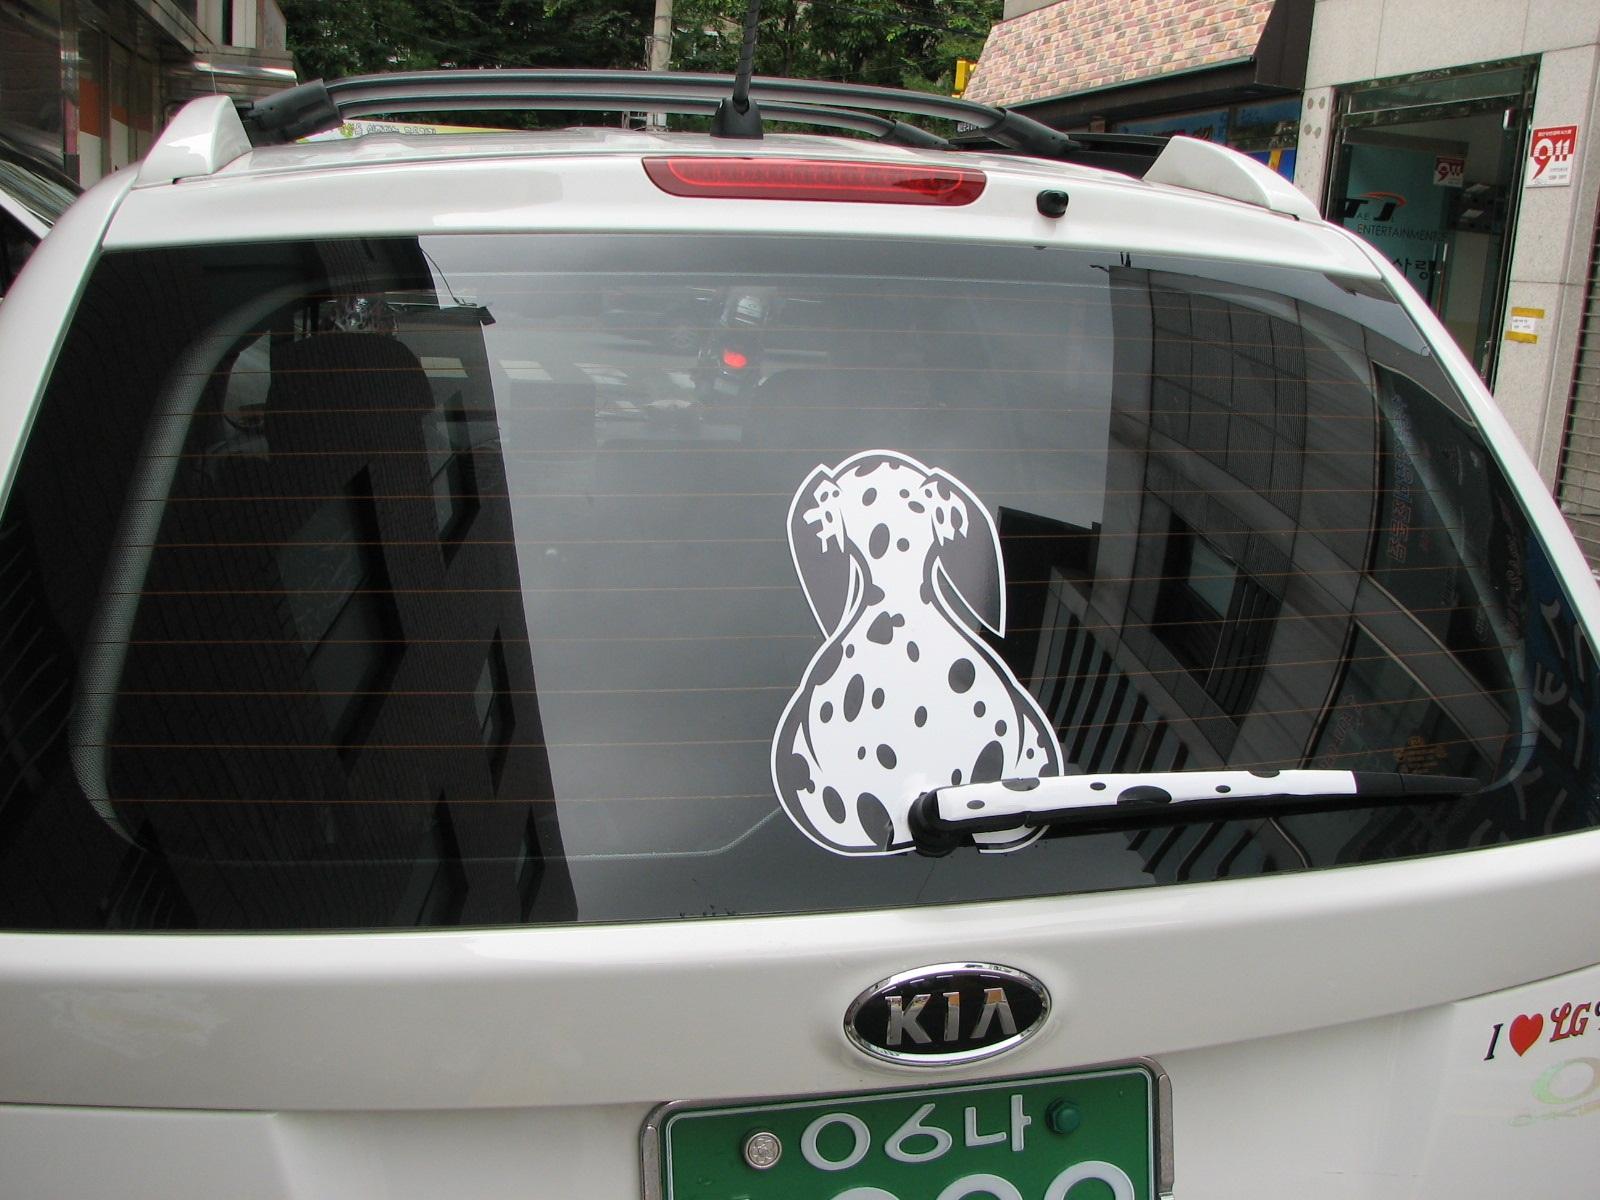 Rear Window Decals Subaru Legacy Rear Window Car Decal By Sprodak - Car rear window stickers